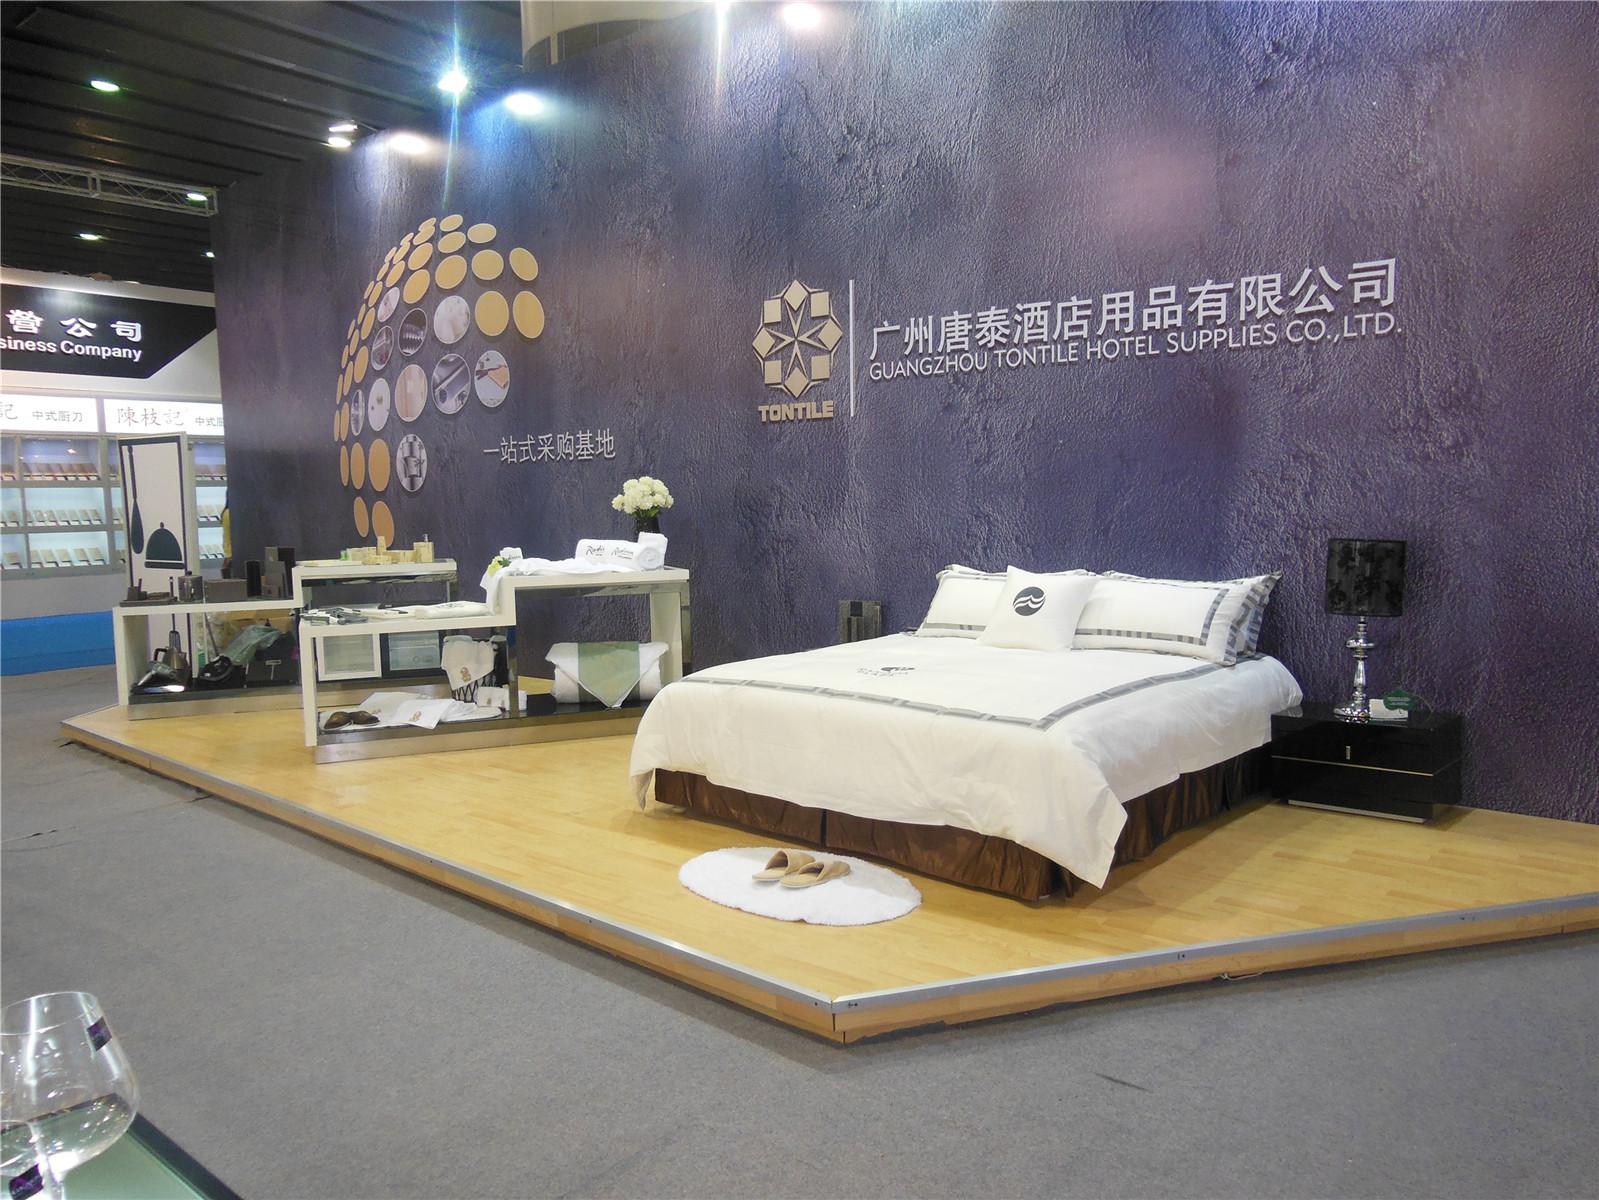 Guangzhou pazhou exhibition-Tontile